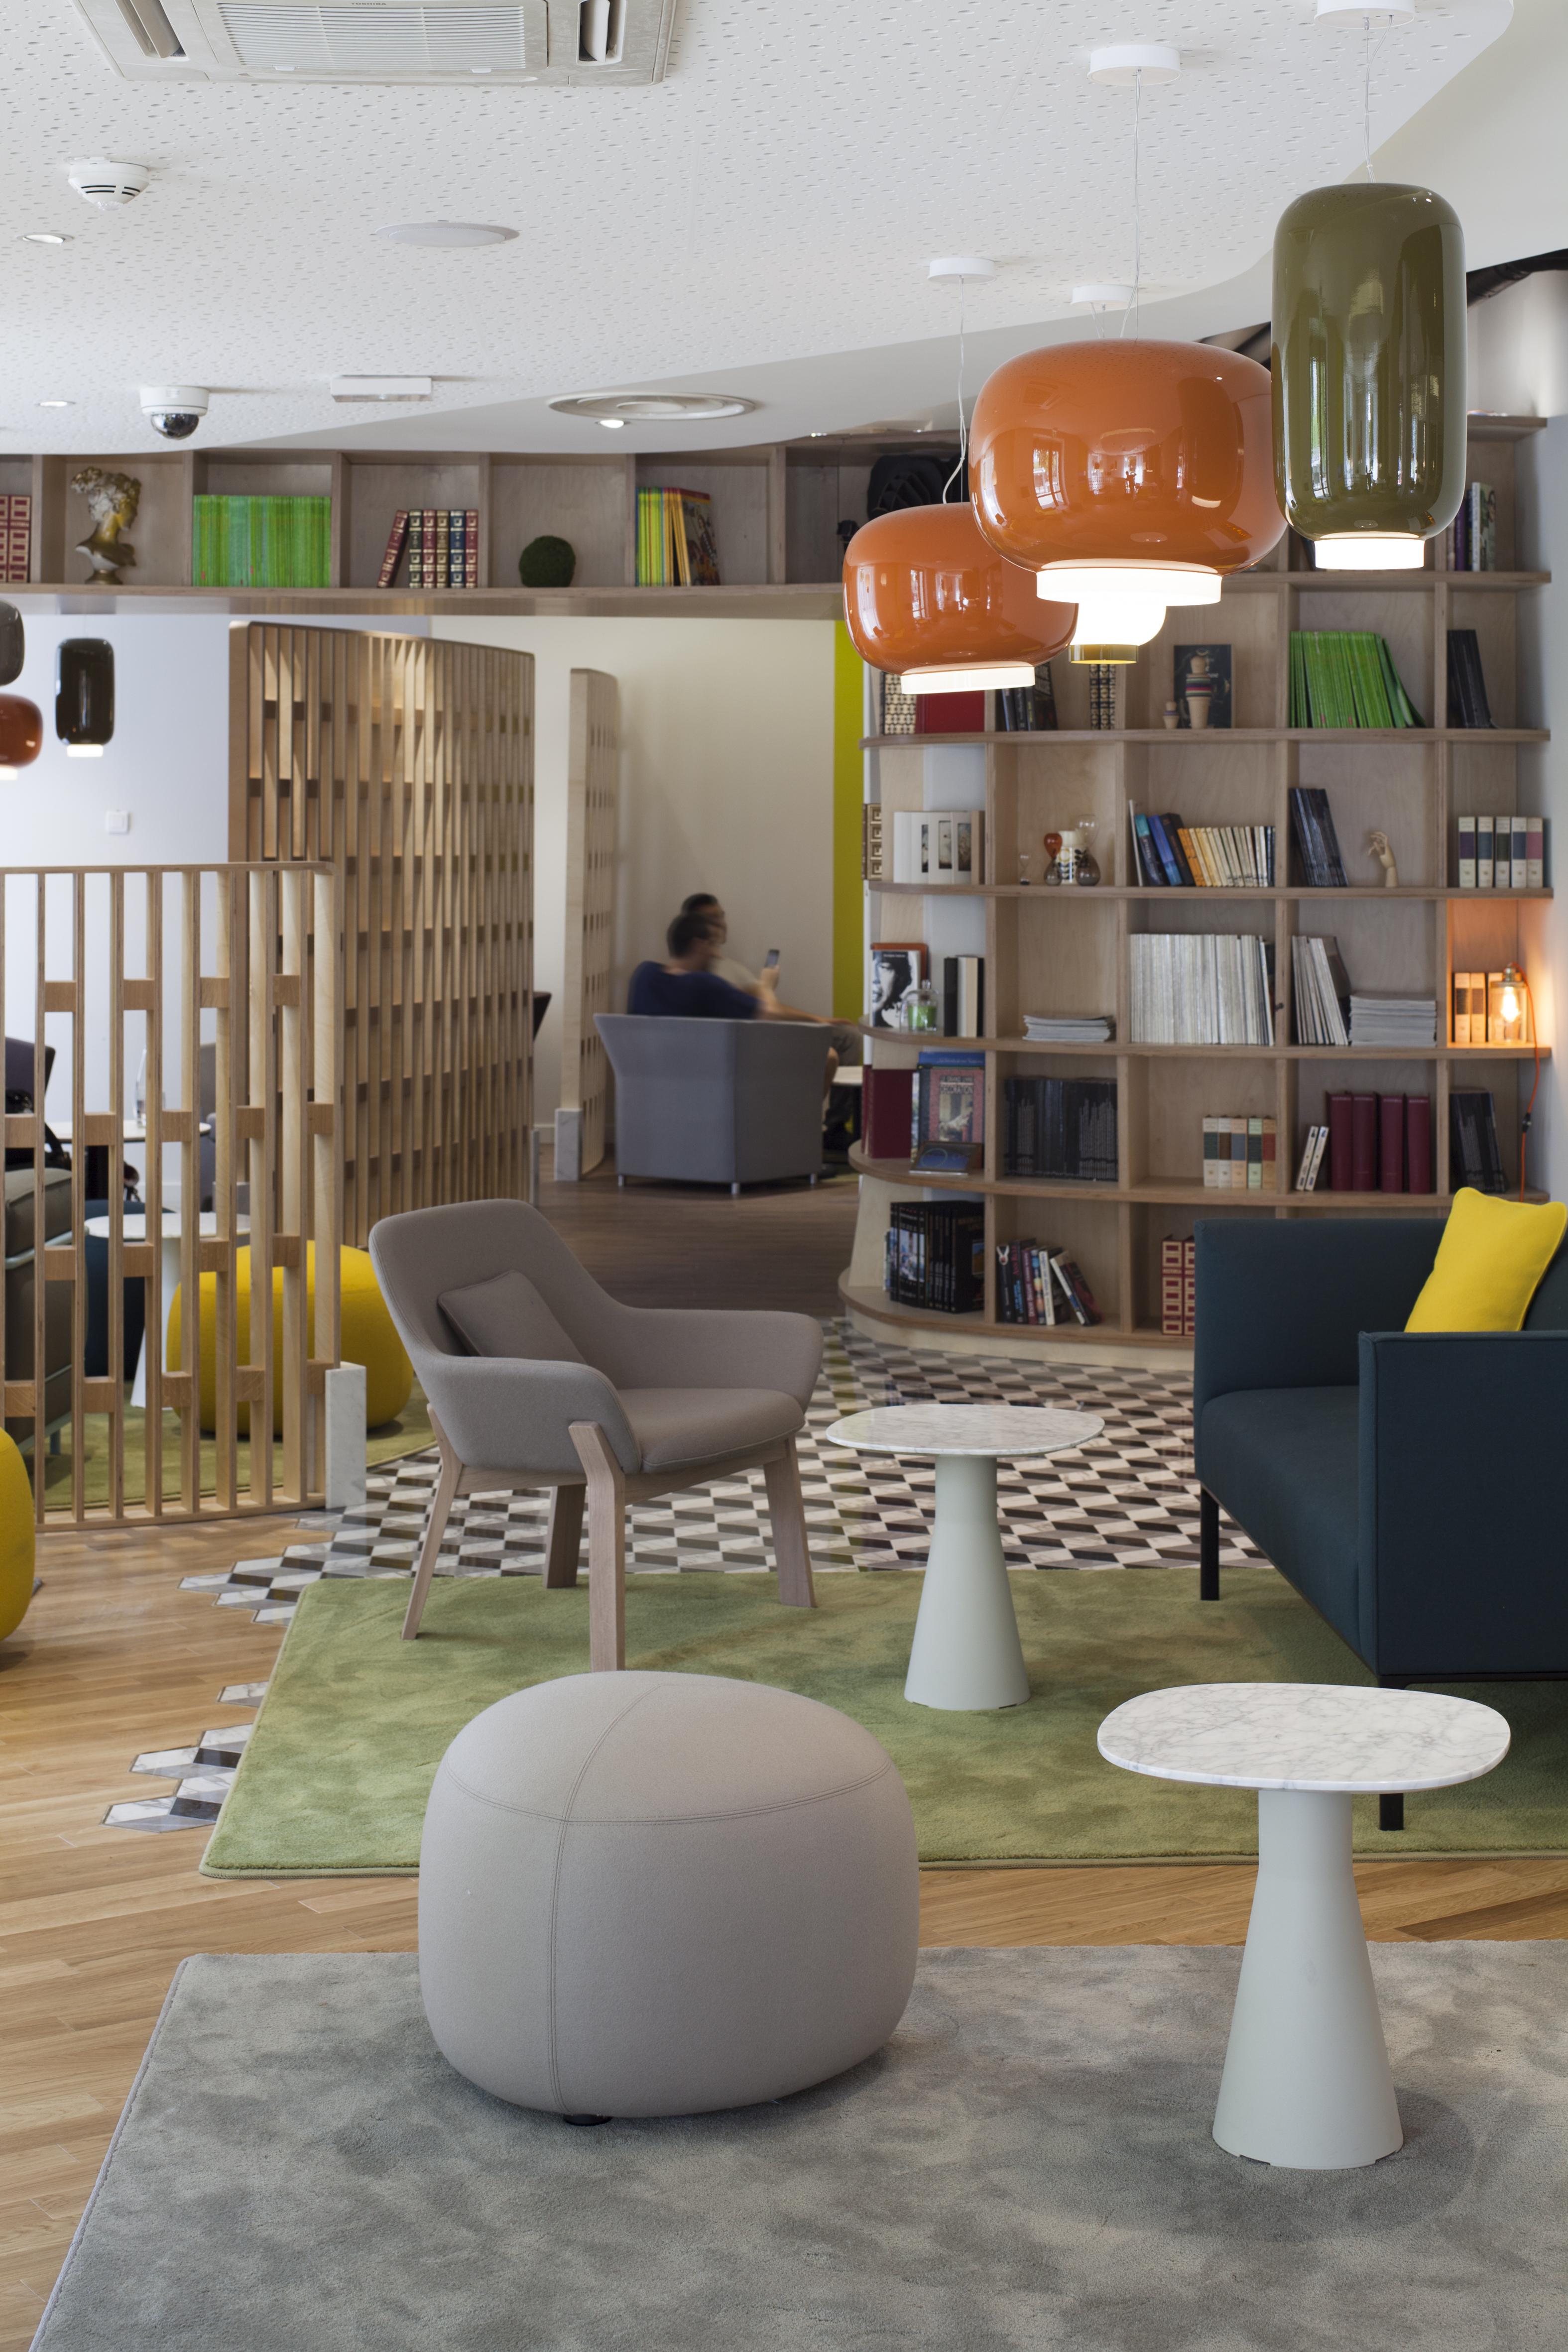 Agrandissement de l'hôtel « Easywork » Mercure Nantes Centre Gare